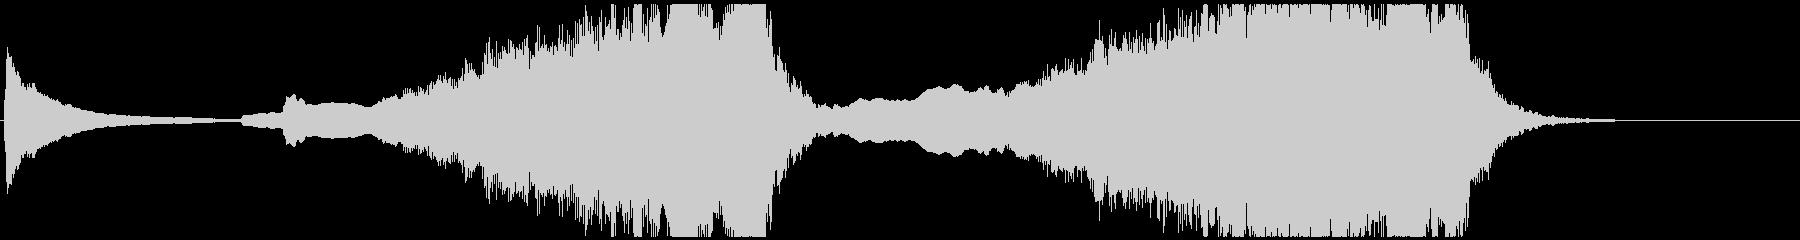 企業向けジングル-オーケストラの未再生の波形